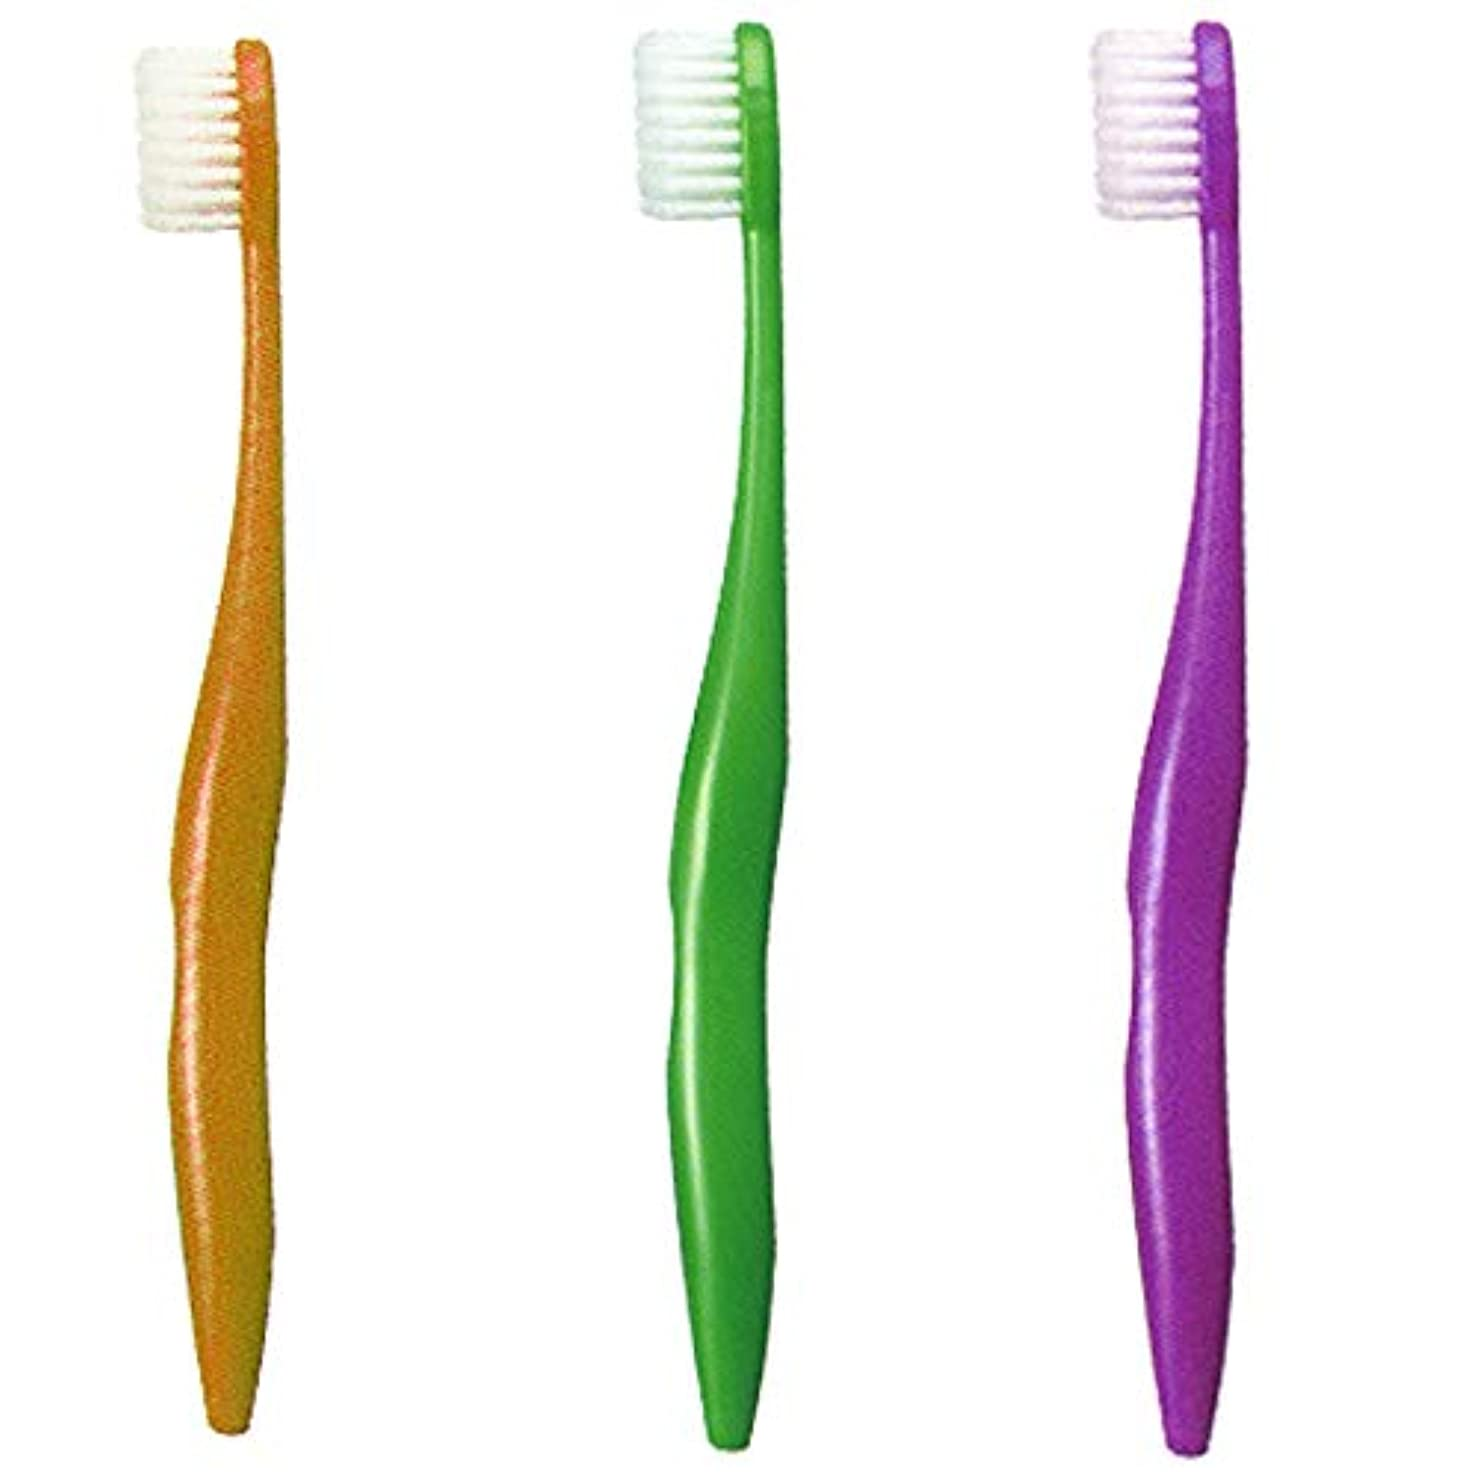 移植ネコビジネス日本製 歯ブラシ ライカブル ミニ 5本【ライカブル】